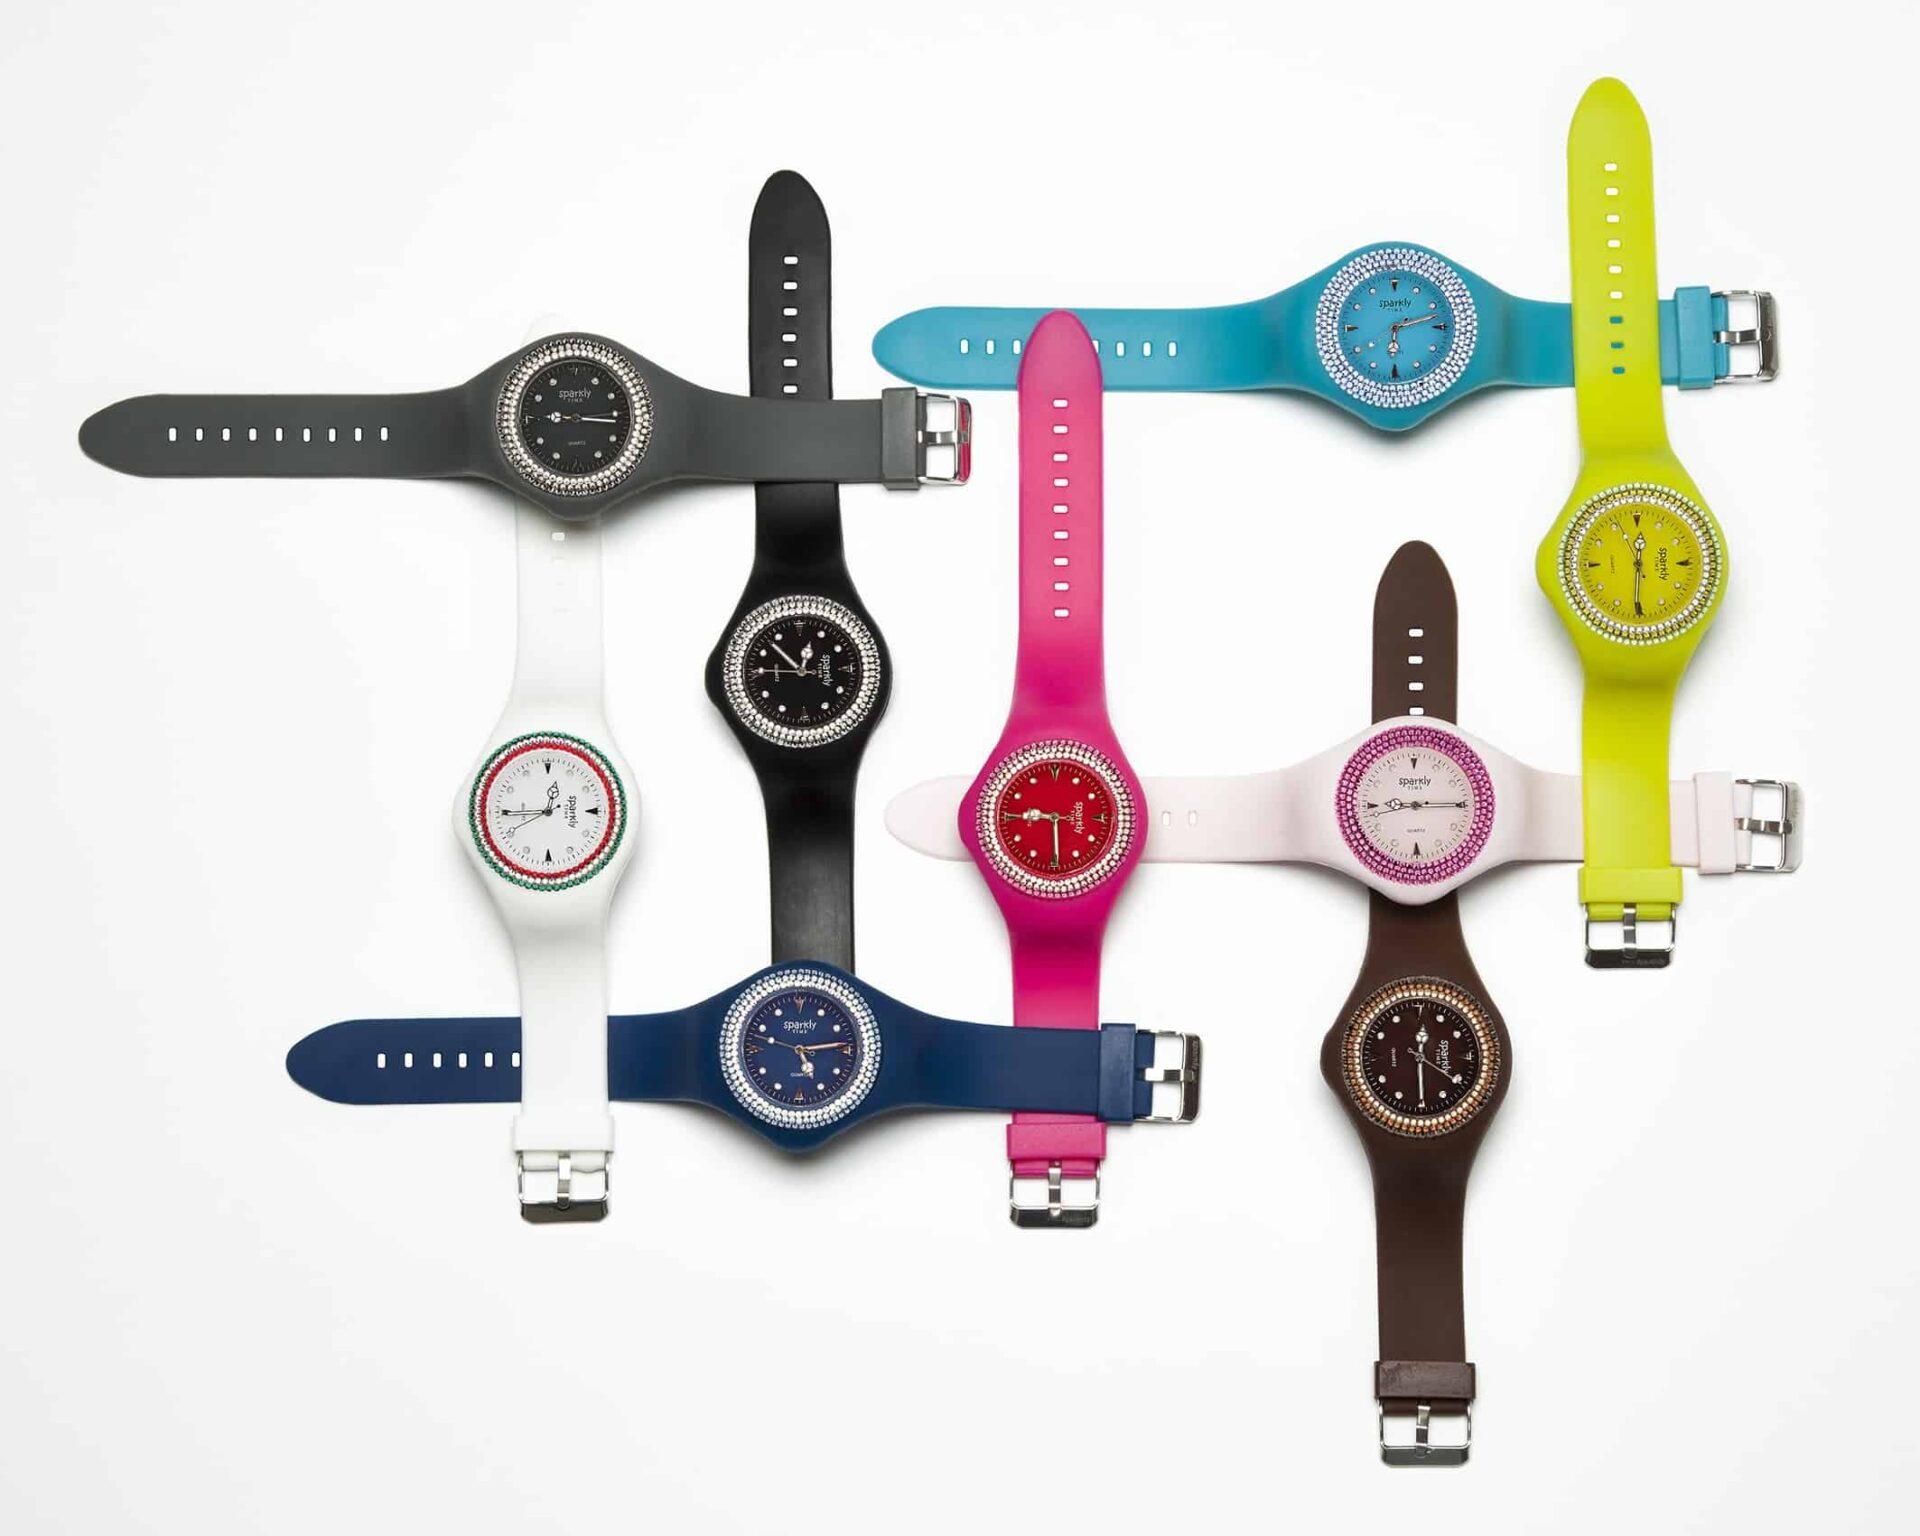 Sparkly Time by Artisan: l'orologio glam che non può mancare tra gli accessori della donna di classe!